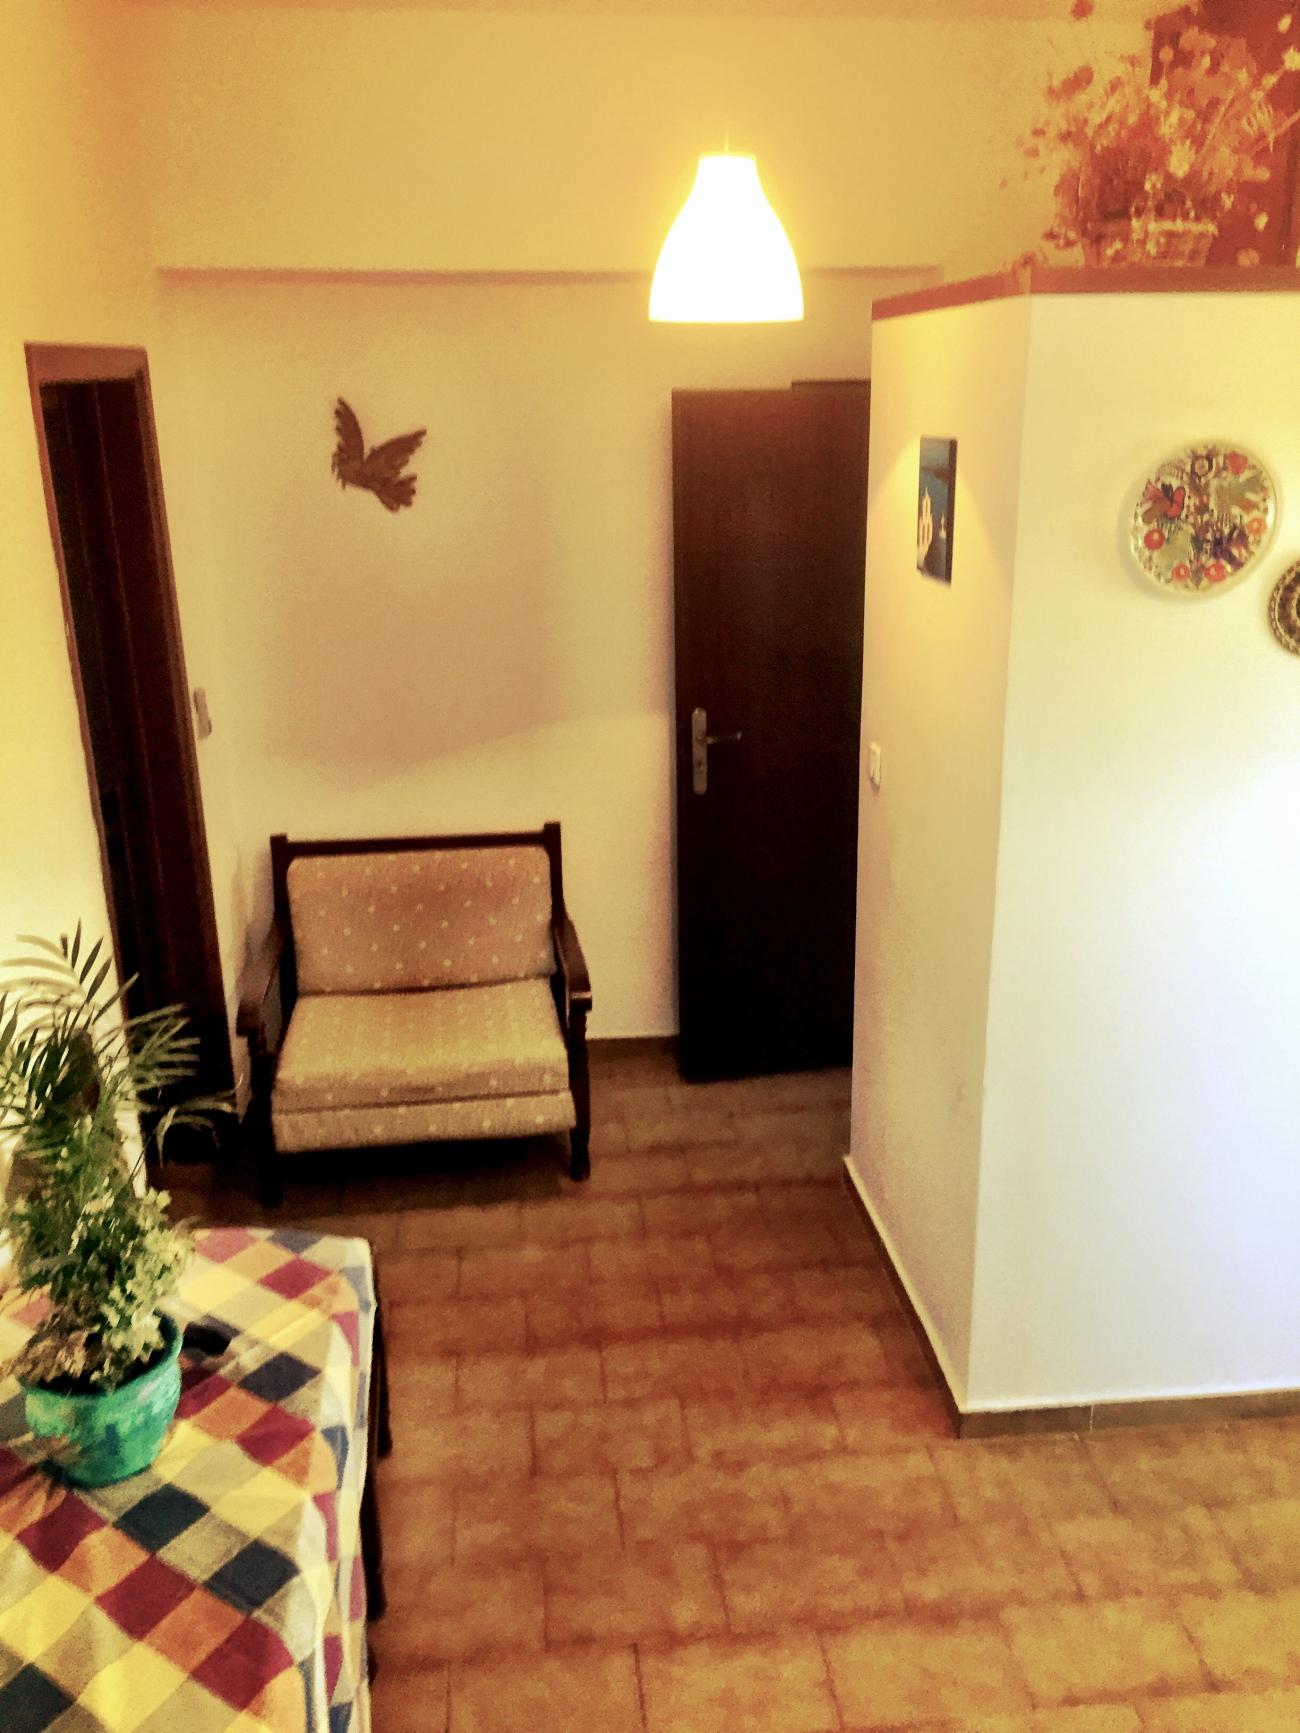 Apartments - Irene Villa